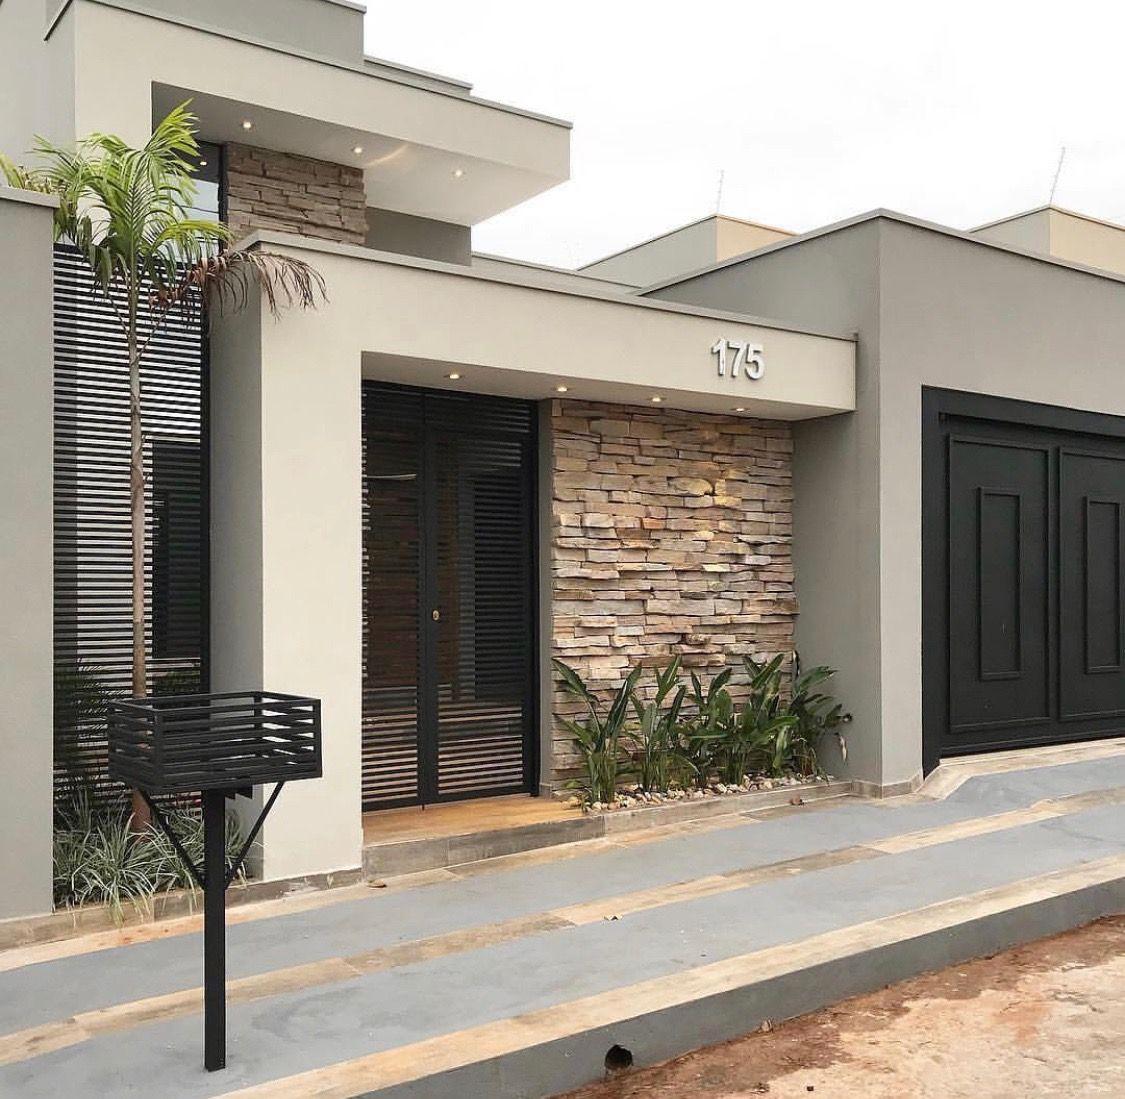 Disenos Puertas Frente Casa 25: Casas Modernas, Fachadas Y Casas